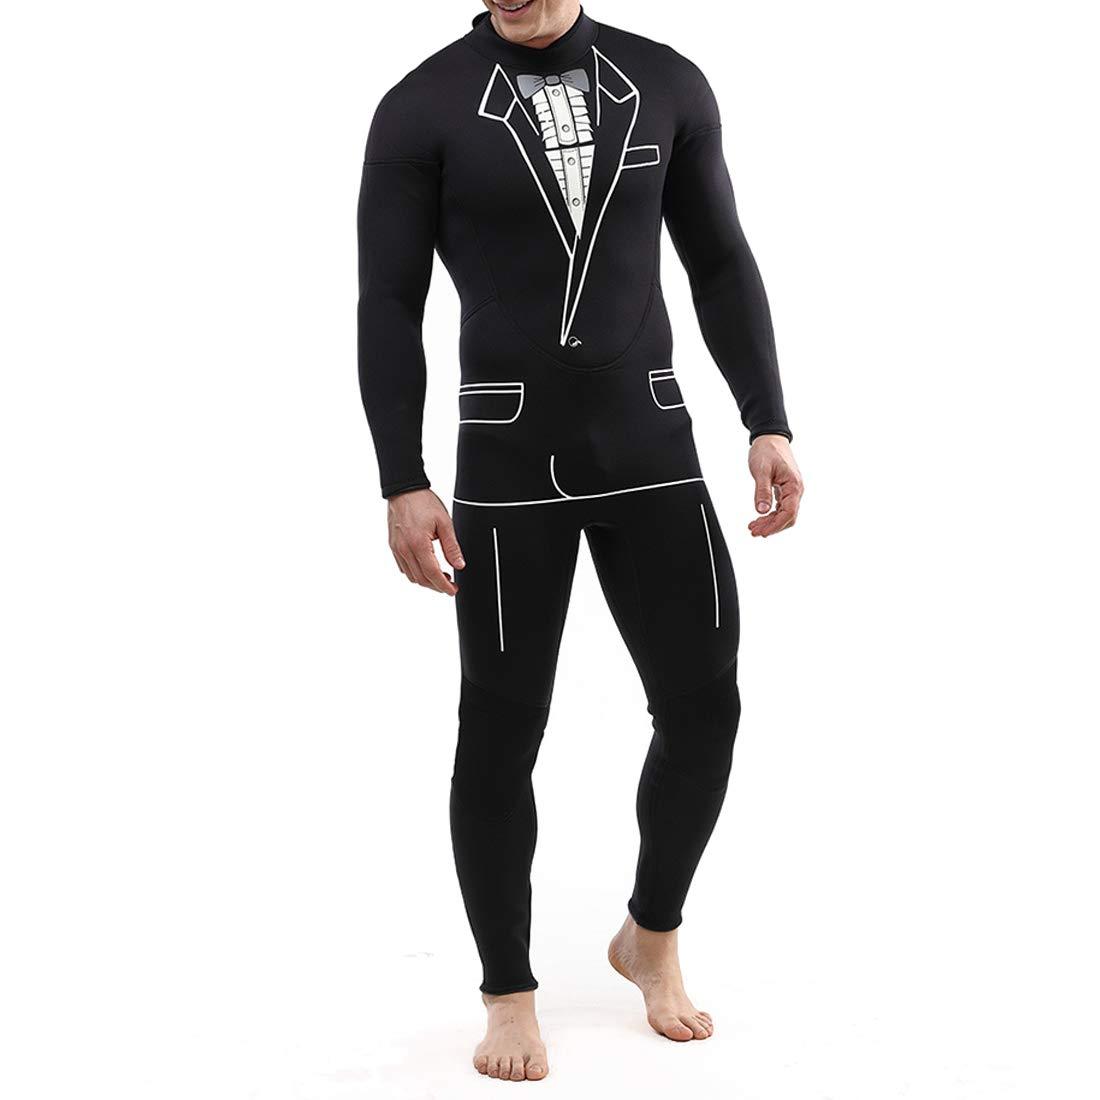 CeSuoLiBengDi ウェットスーツ メンズ レディース 水着 ダイビング スーツの形 防寒 保温性優れる 日焼け止め 厚い 吸汗速乾  長袖 (Color : ブラック, サイズ : M) B07G772XZJ XX-Large ブラック ブラック XX-Large